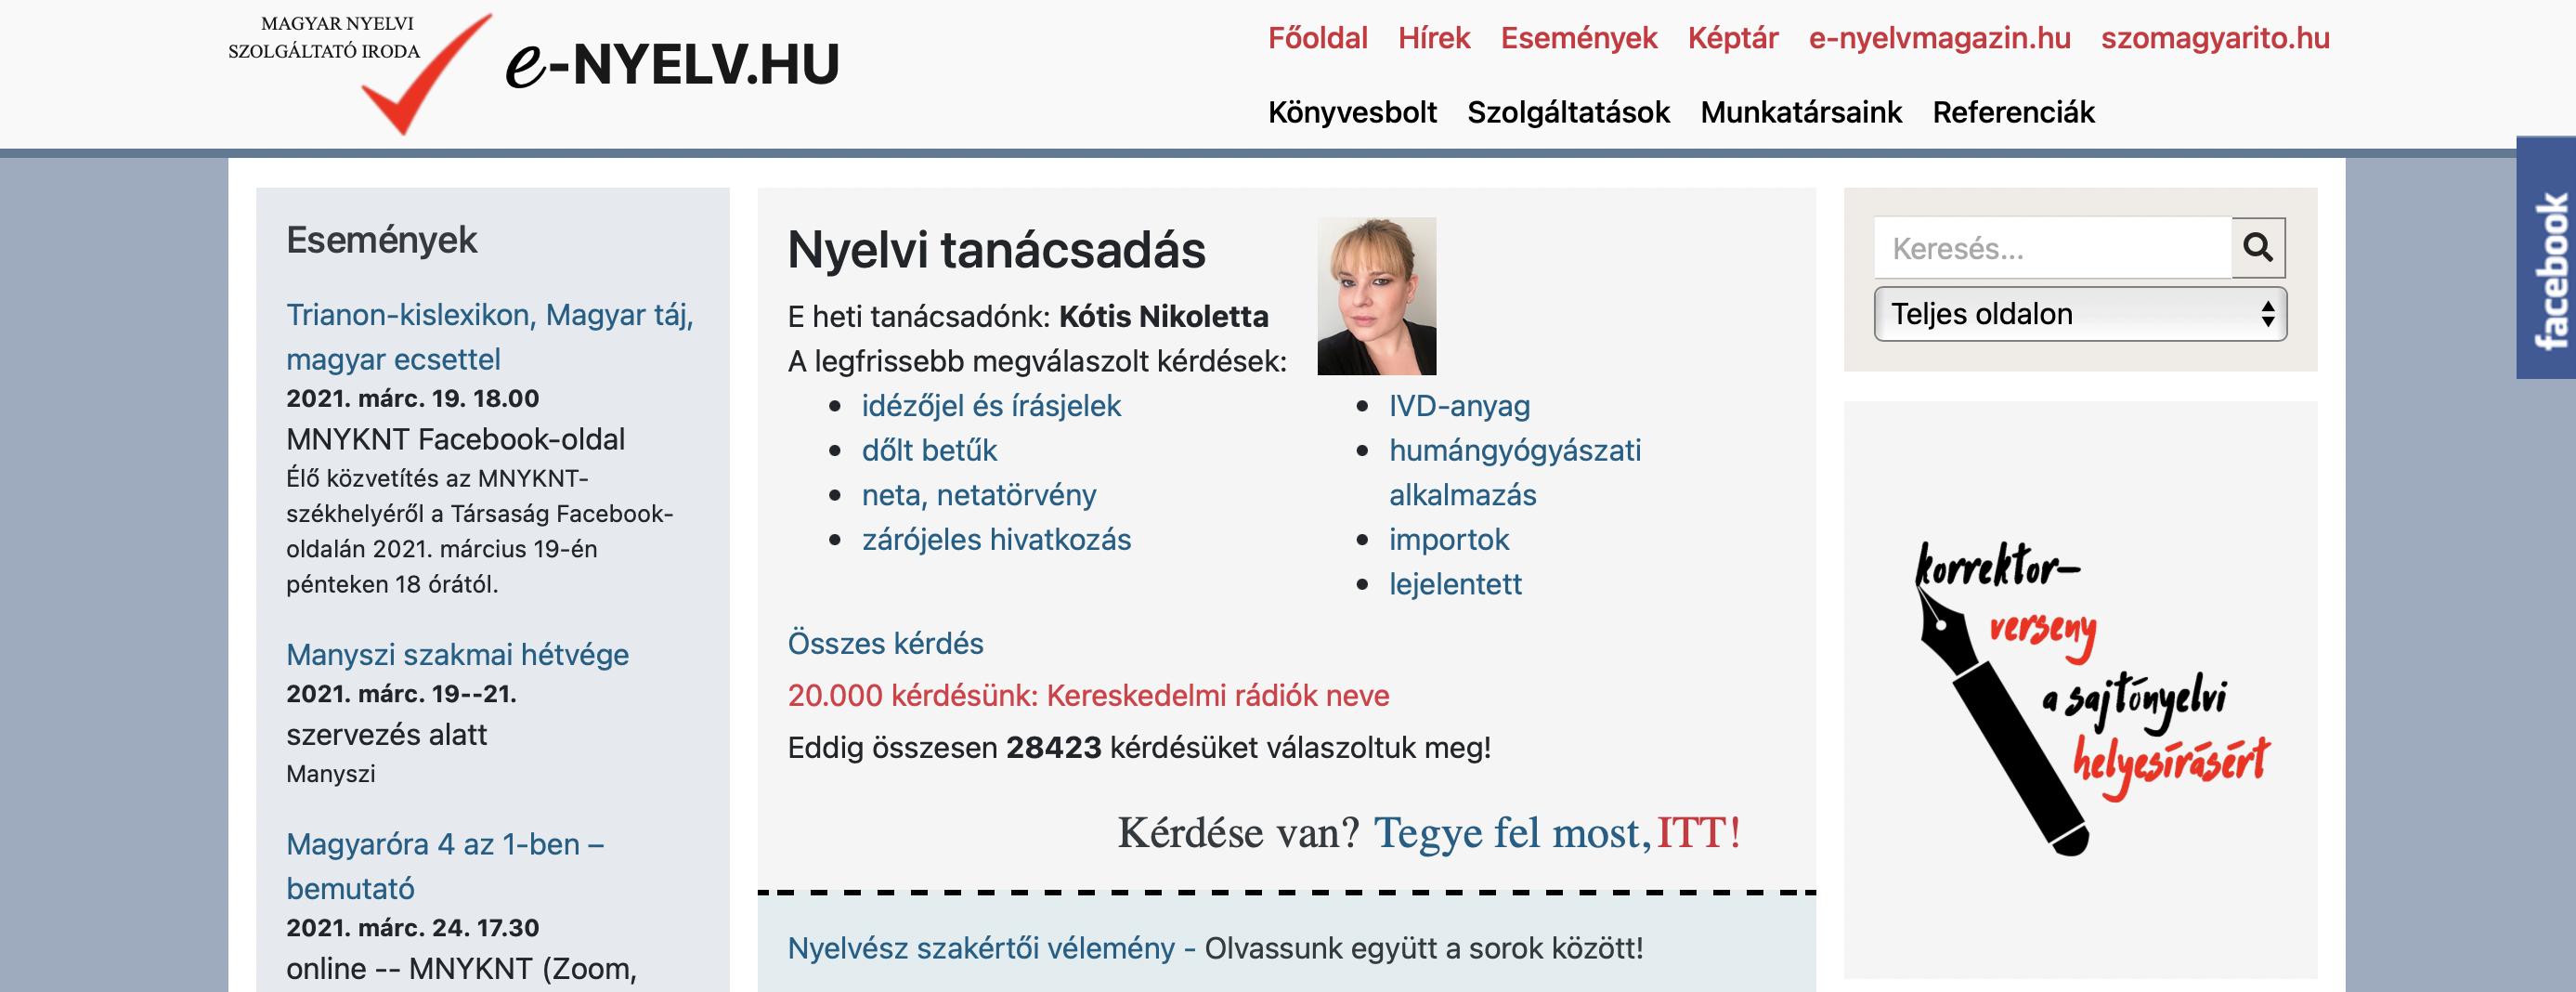 e-nyelv.hu nyelvi tanácsadás Kótis Nikoletta